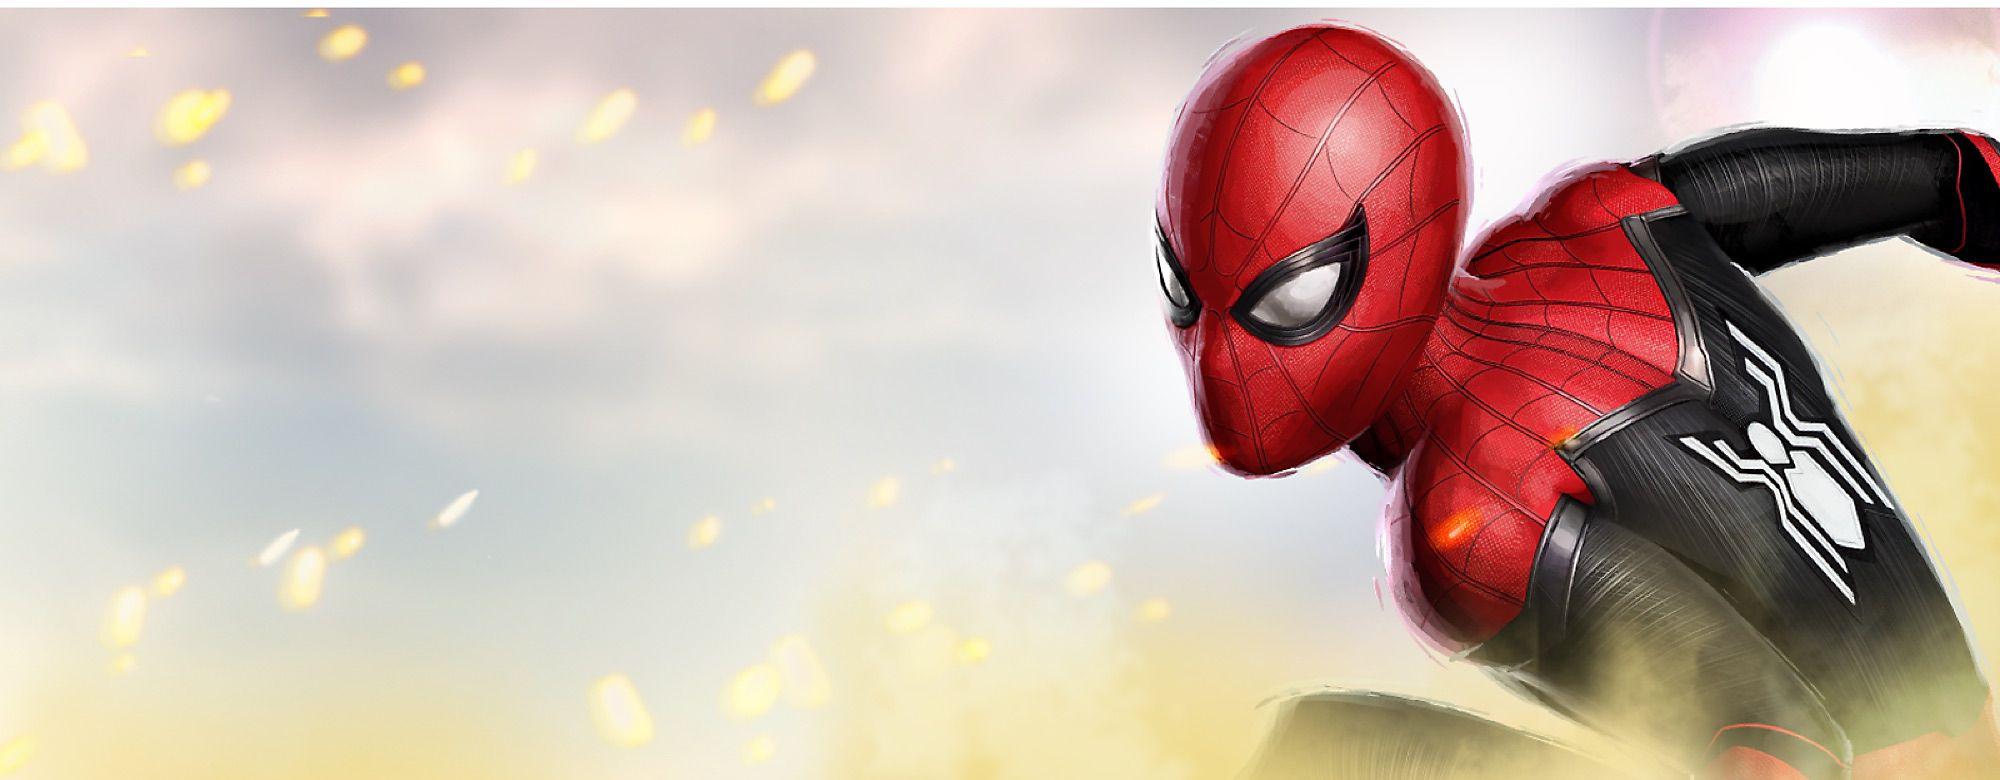 Spider-Man: Far From Home Pour les vacances d'été, Peter Parker et ses amis partent en Europe où ils vont devoir affronter un ennemi du nom de Mysterio. Rejoignez l'aventure avec notre collection de jouets, costumes, vêtements et plus. Sortie en juillet 2019